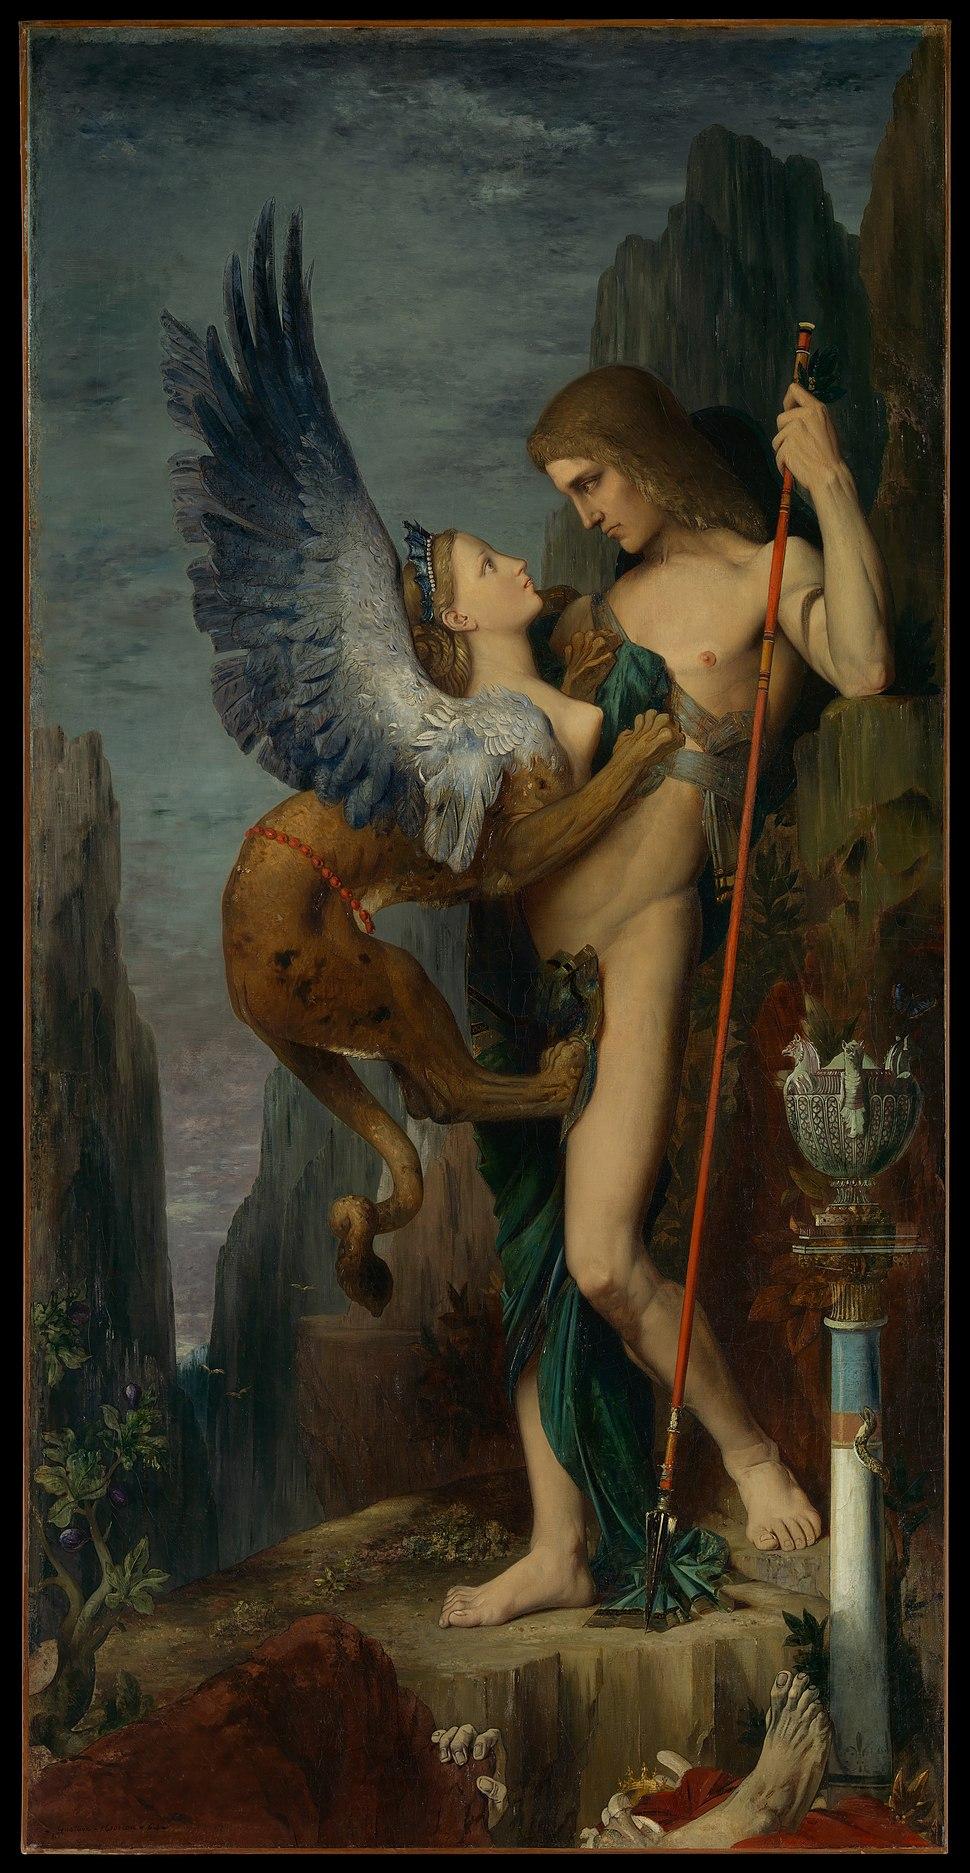 Oedipus and the Sphinx MET DP-14201-023